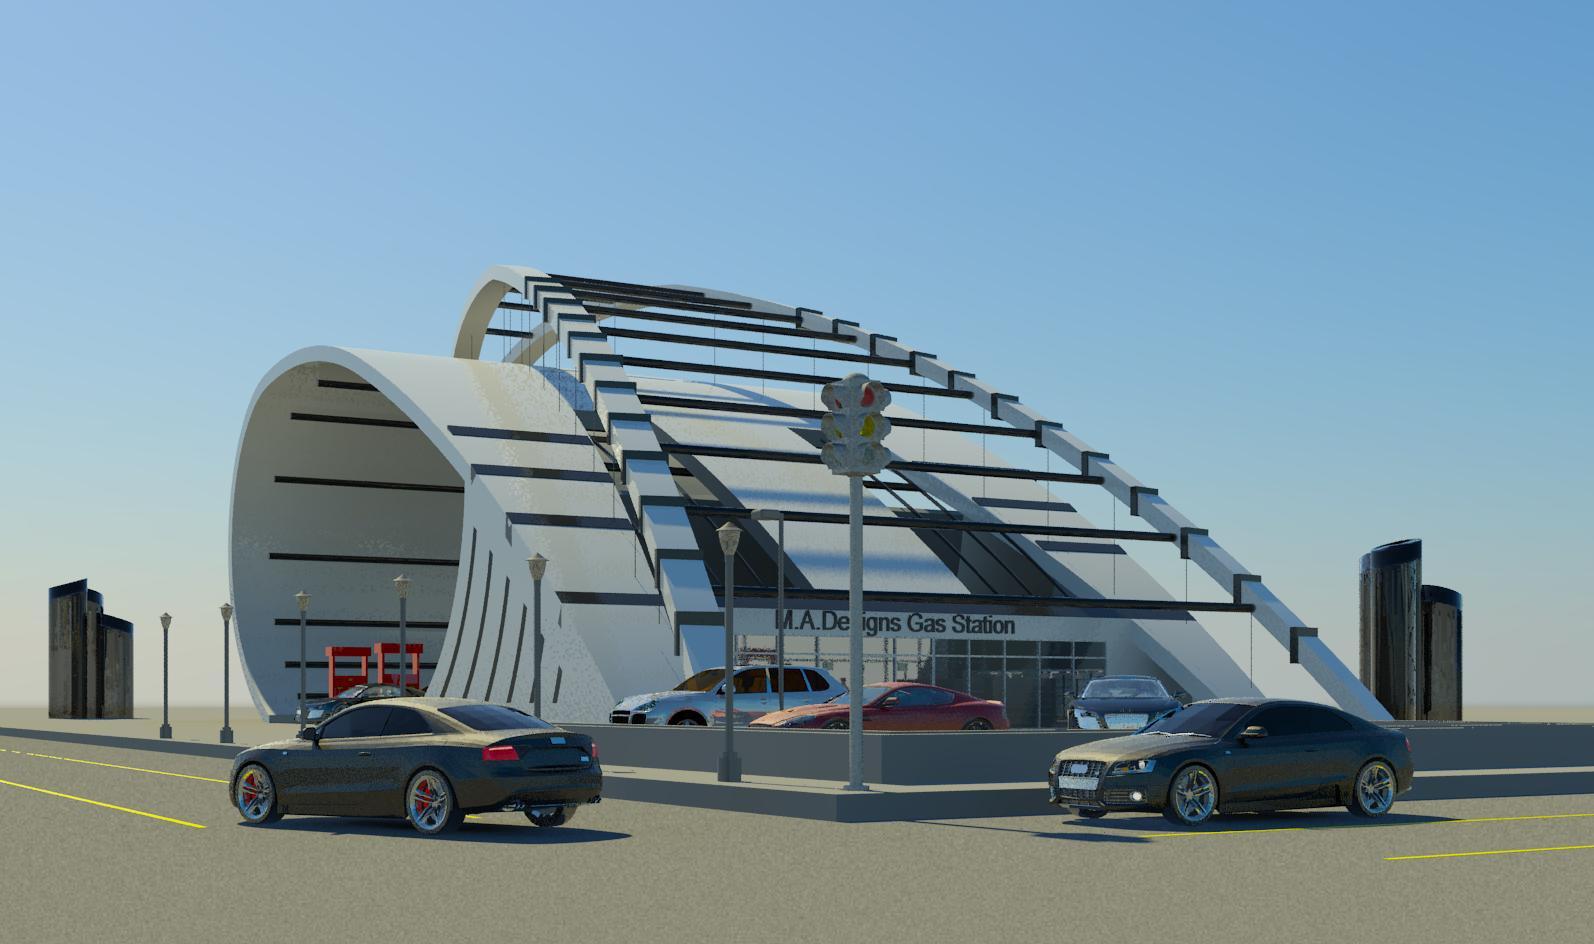 Modern Gas Station by Movses Dzhansyan at Coroflot.com